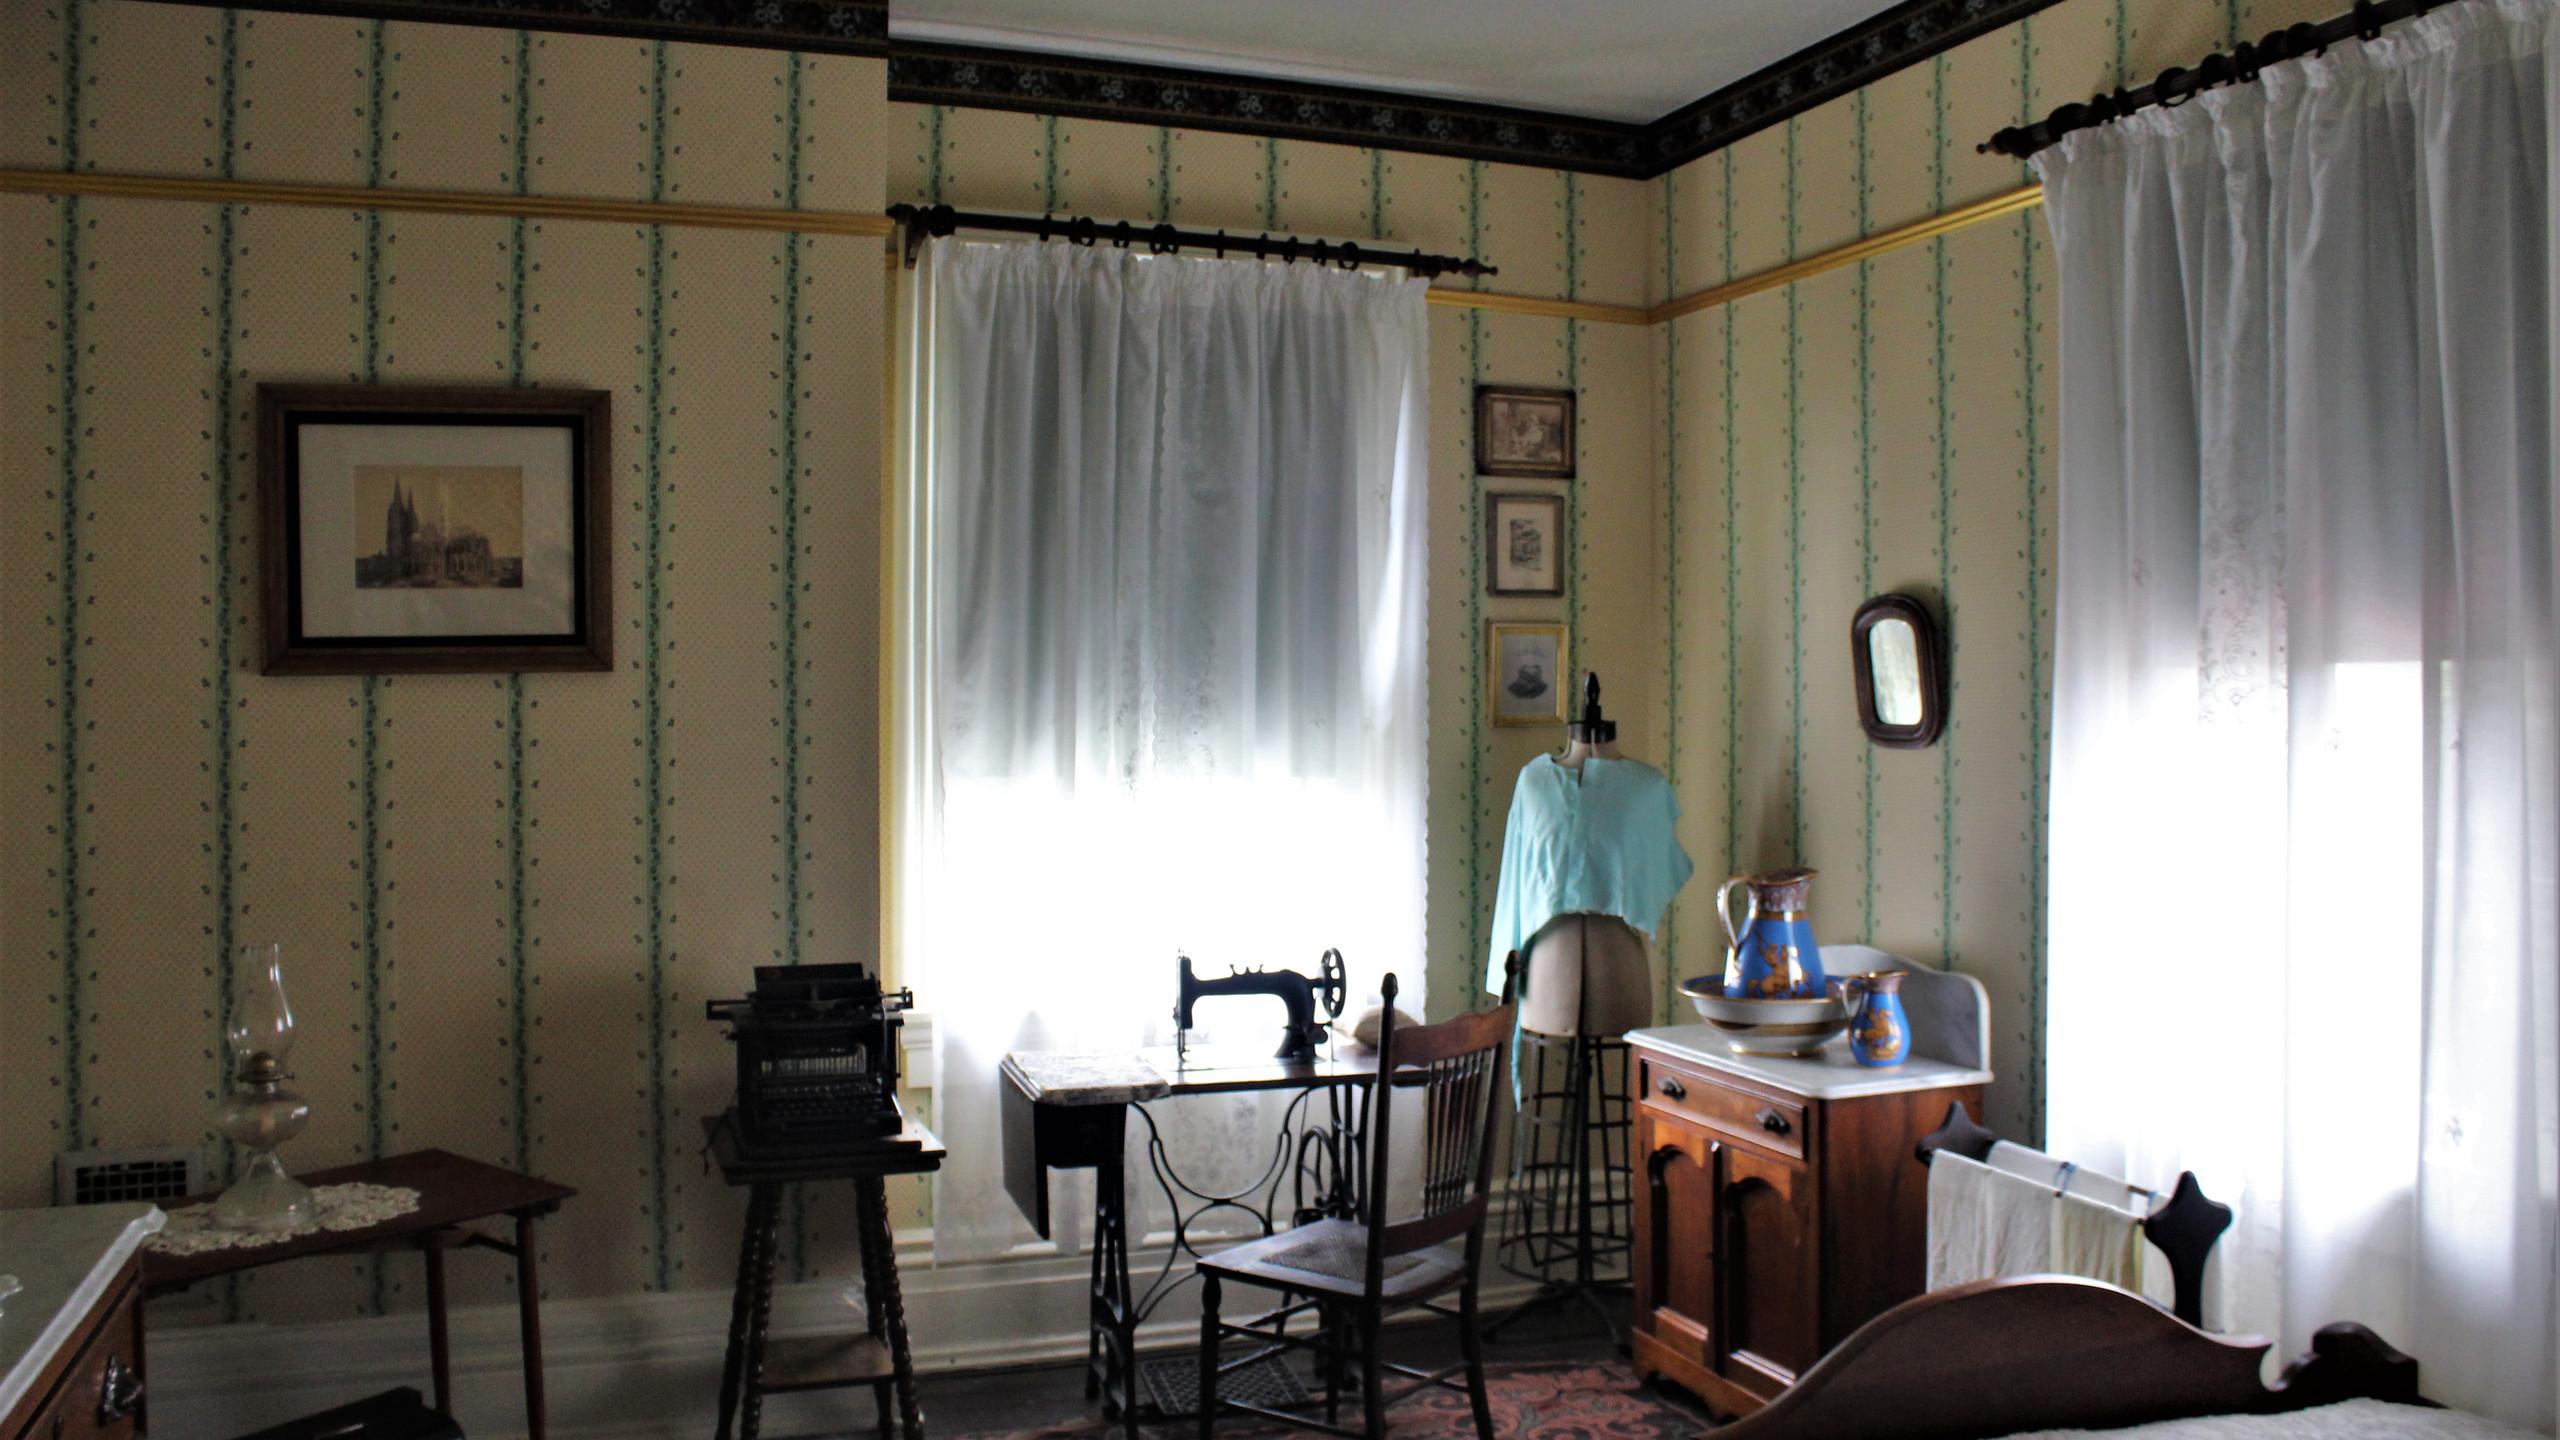 Helen Pitts's Room